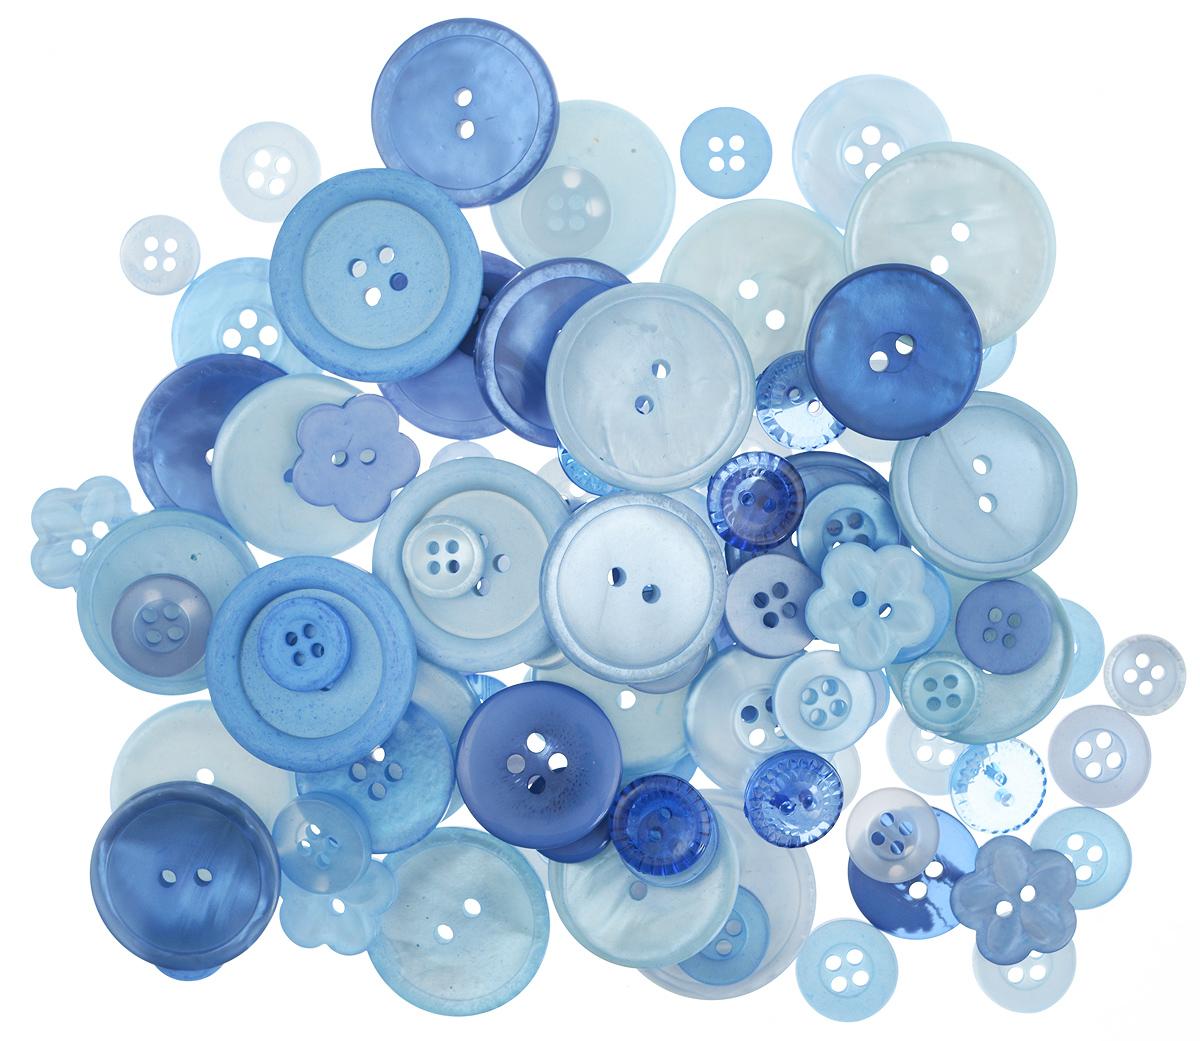 Пуговицы декоративные Buttons Galore & More Color Blends, цвет: голубика, 85 г. 77088797708879_ГолубикаНабор пуговиц для творчества и декорирования одежды Buttons Galore & More Color Blends изготовлен из высококачественного пластика. В набор входят пуговицы различных размеров и с разным количеством отверстий. Такие пуговицы подходят для любых видов творчества: скрапбукинга, декорирования, шитья, изготовления кукол, а также для оформления одежды. С их помощью вы сможете украсить открытку, фотографию, альбом, подарок и другие предметы ручной работы. Пуговицы имеют оригинальный и яркий дизайн. Средний диаметр пуговиц: 2 см.